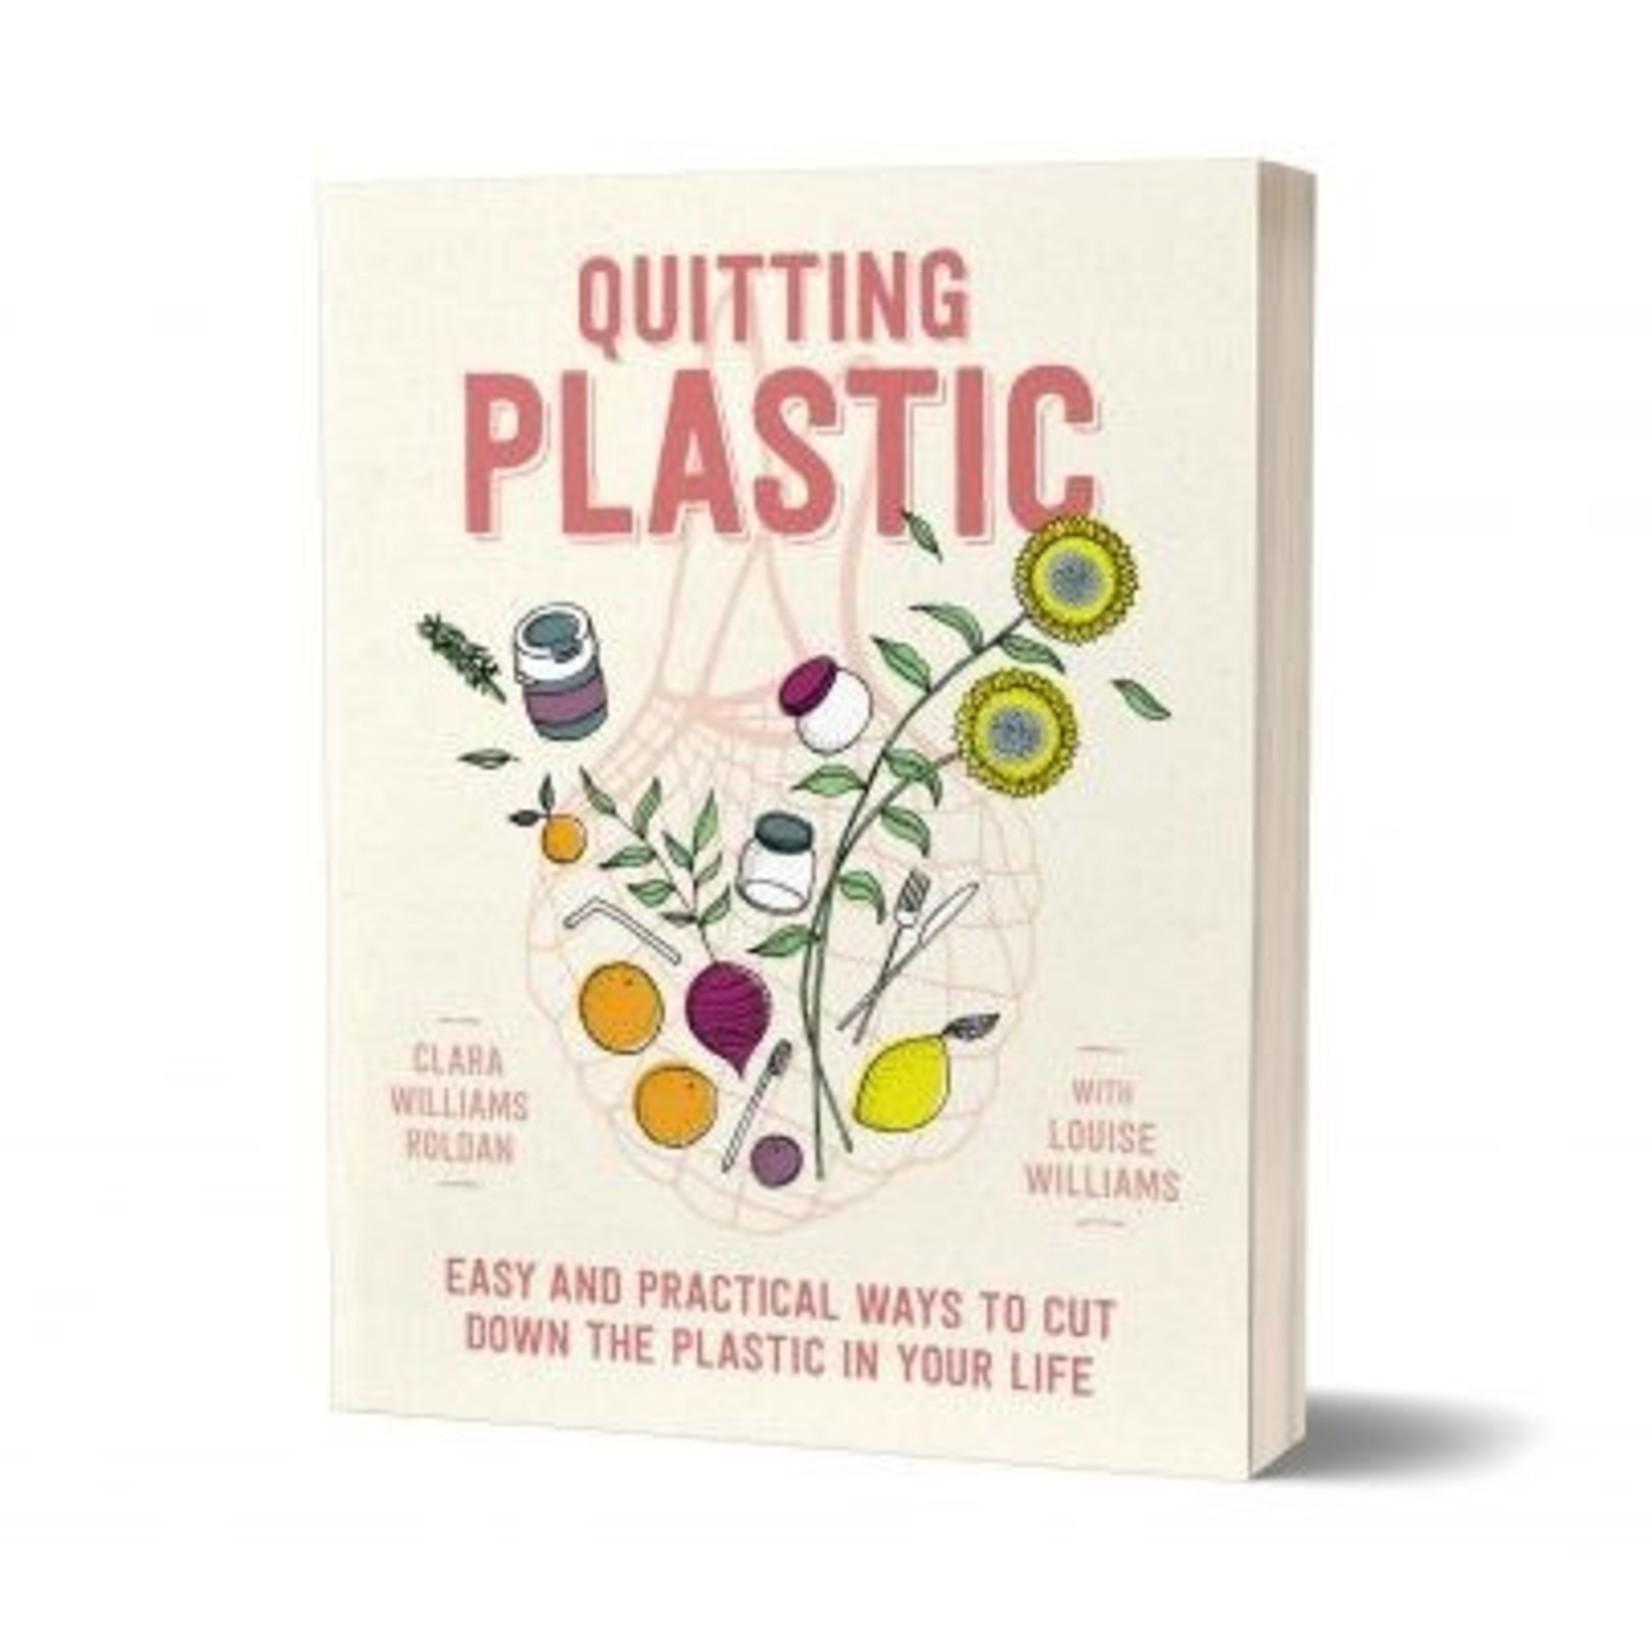 Quitting Plastic